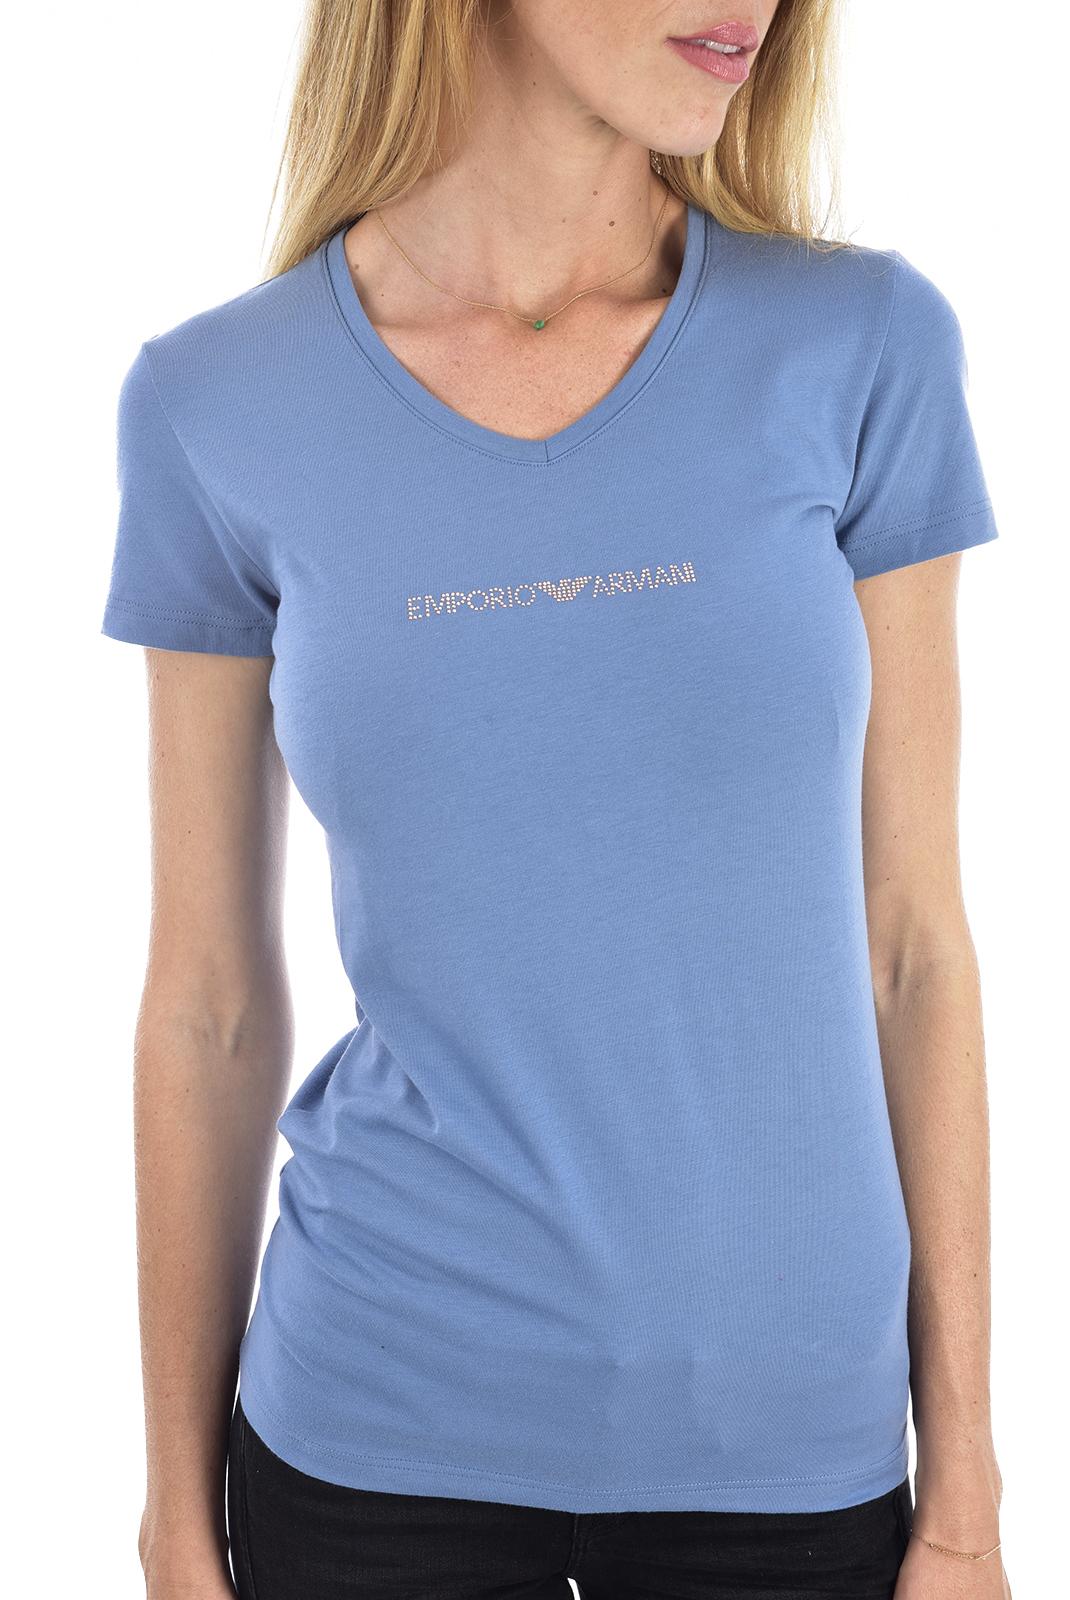 Tee shirt  Emporio armani 163321 9A263 7234